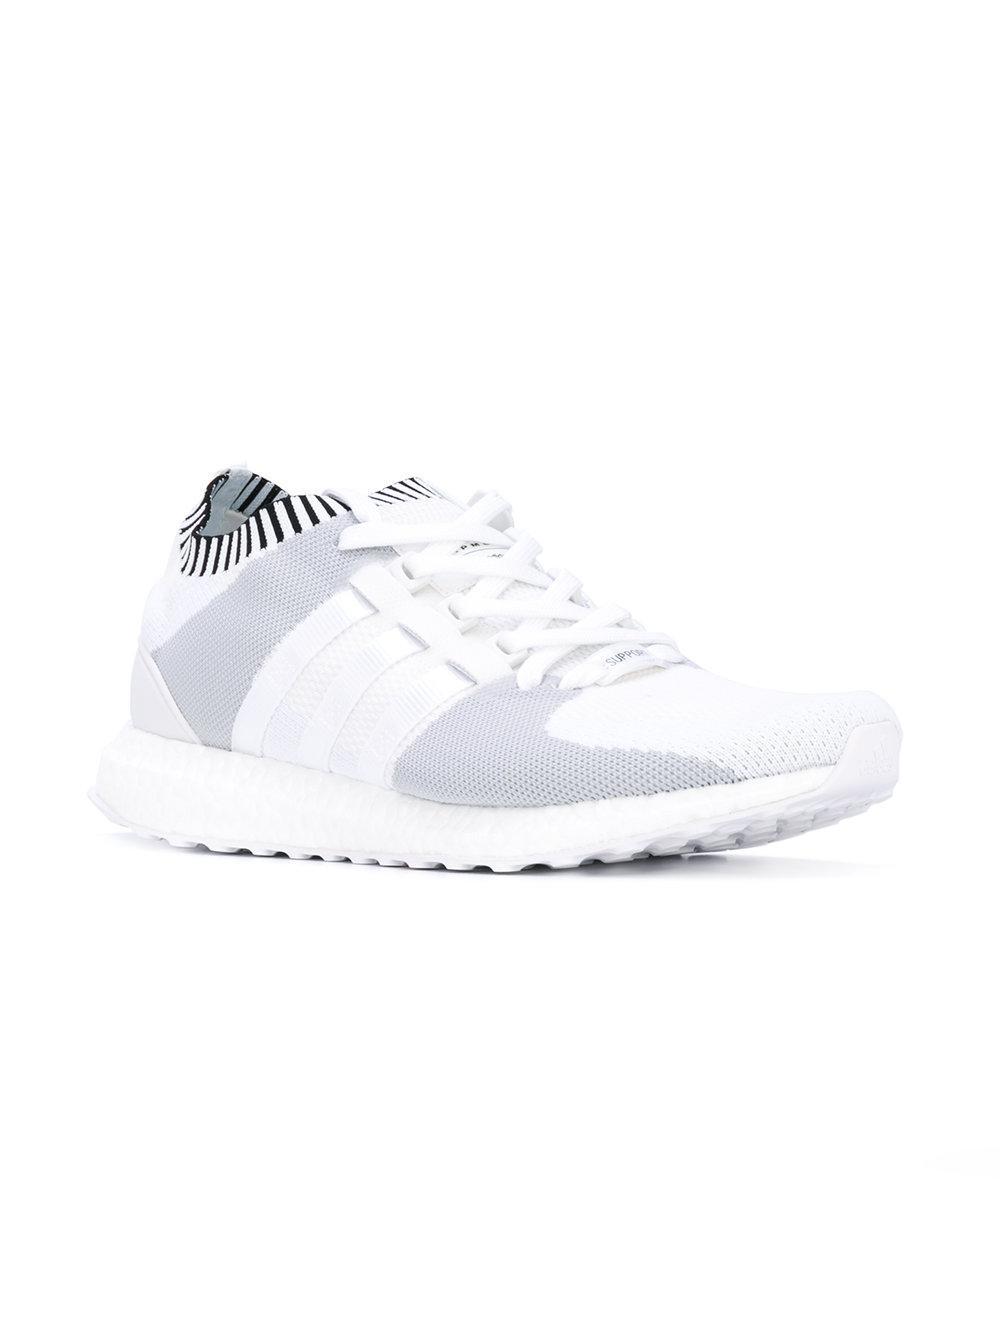 Lyst adidas Originals EQT de Apoyo de ultra primeknit zapatillas en blanco